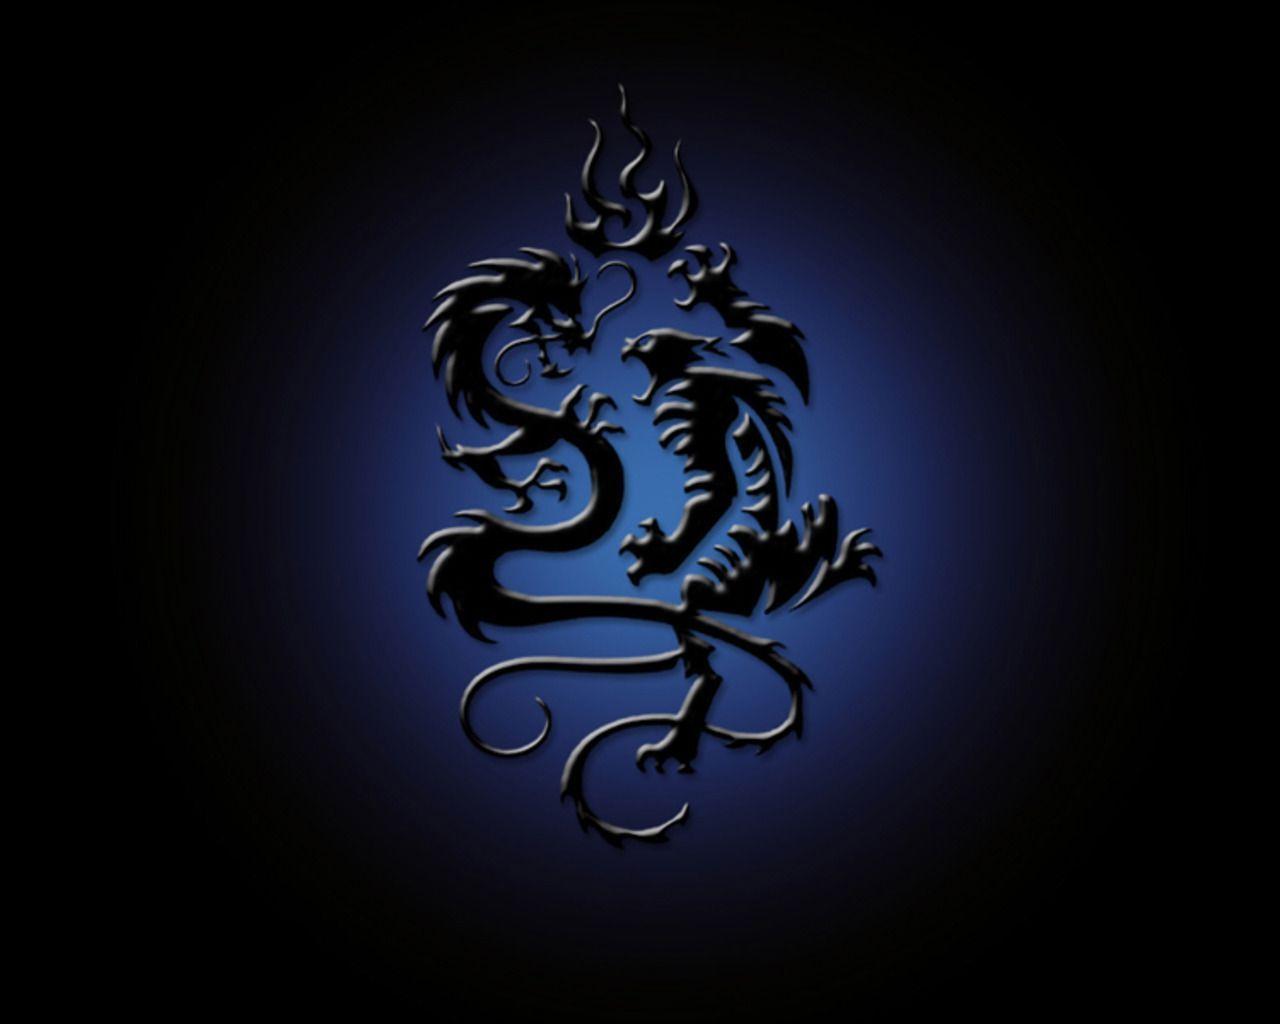 Beautiful Wallpaper Logo Dragon - e5decf73b3f5b43723977e1a3298f5ac  HD_75904.jpg